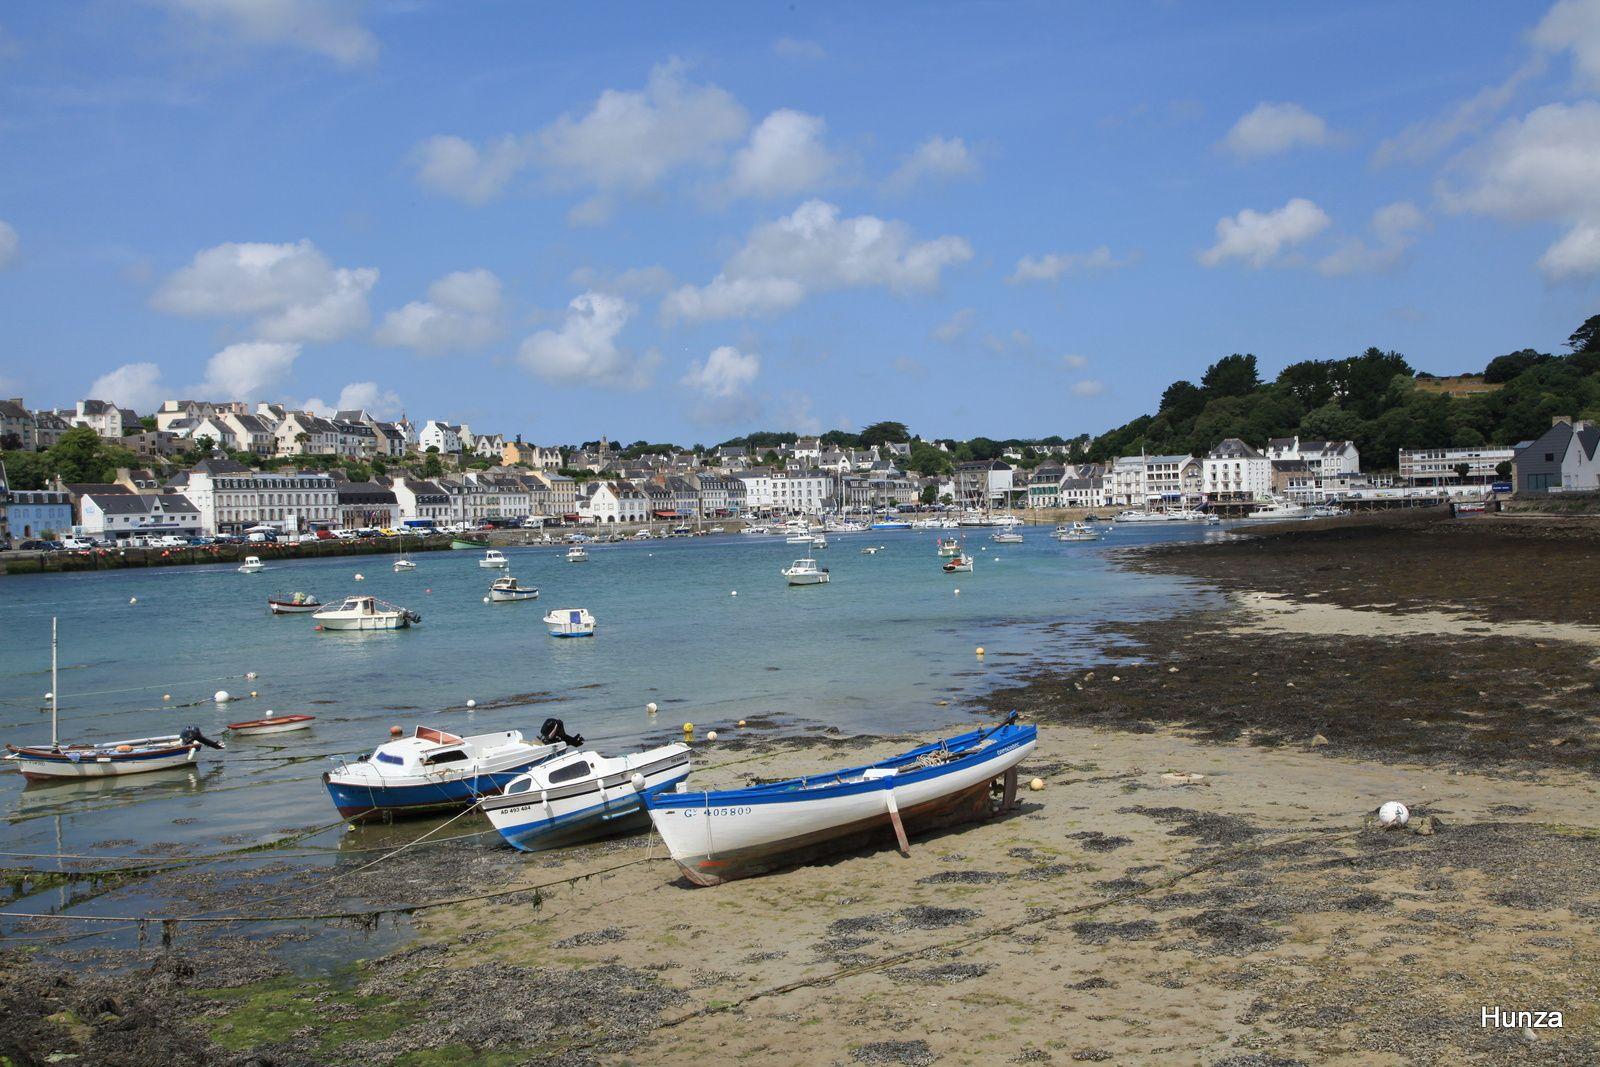 Découvrir la Bretagne sud : Quimper, Audierne, la Pointe du Raz et l'île de Sein